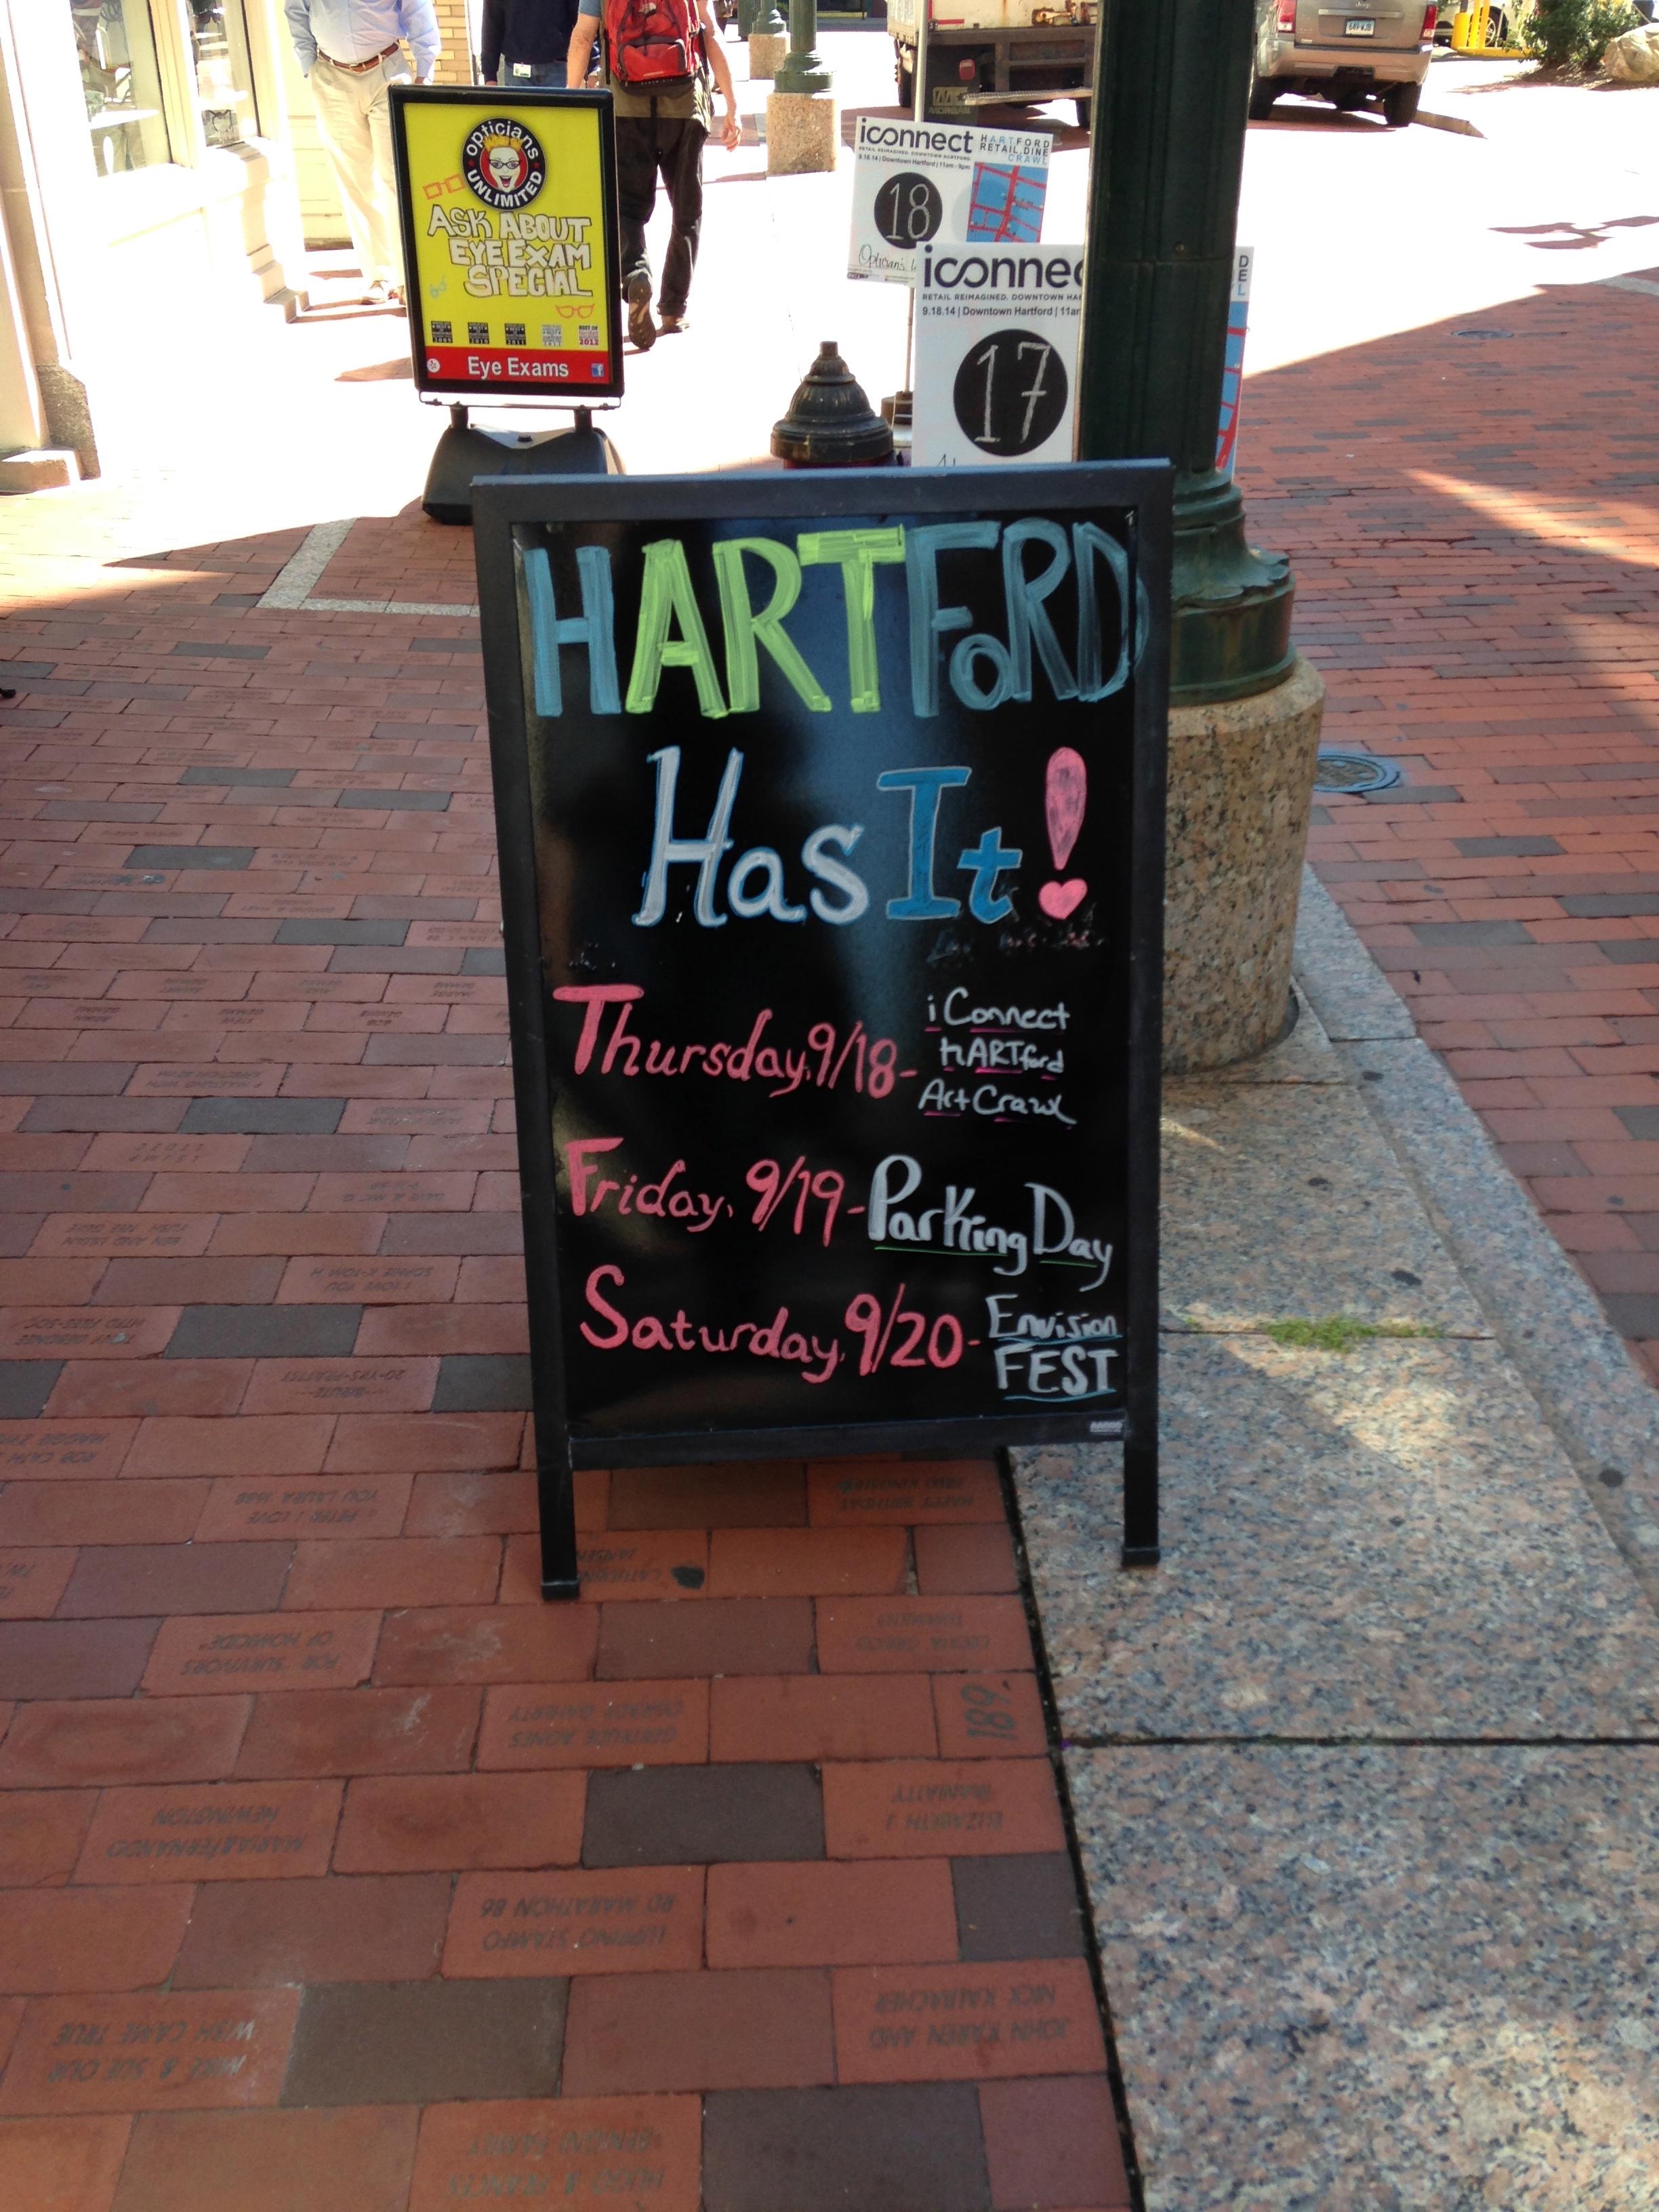 Weekend festivities in Hartford